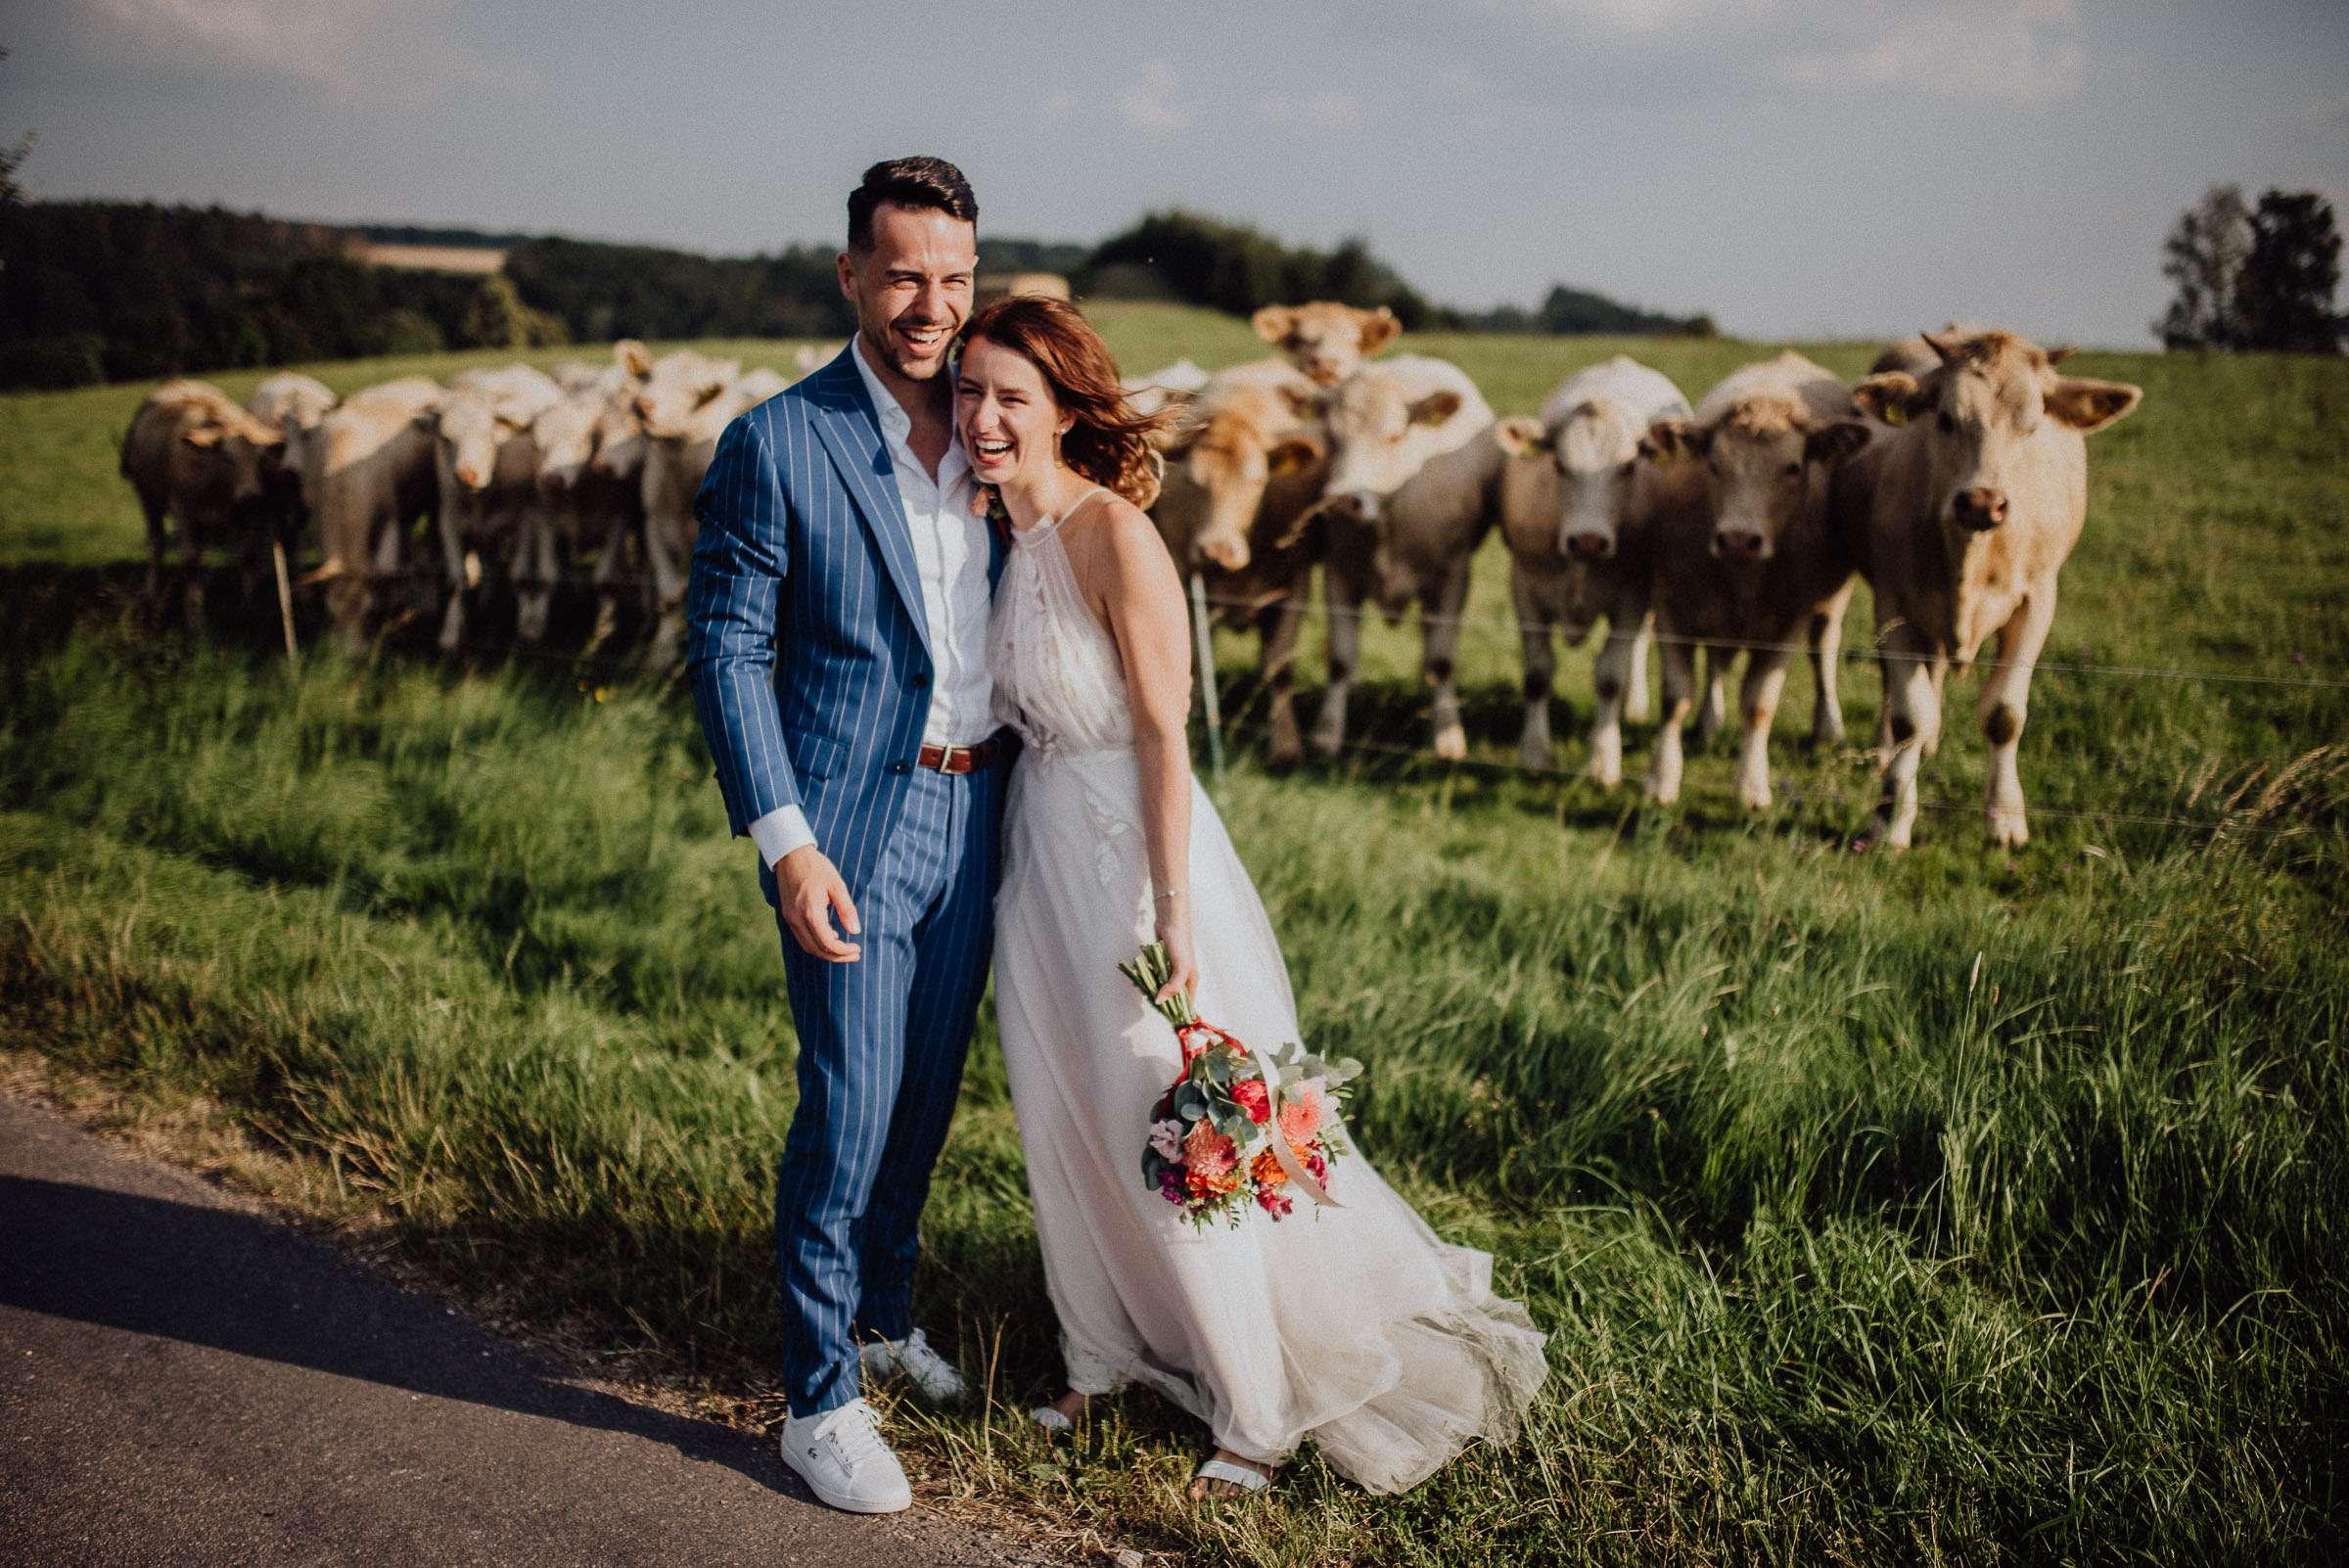 Ženich a nevěsta se fotí přihlížejícím stádem krav Orlické hory Kunvald